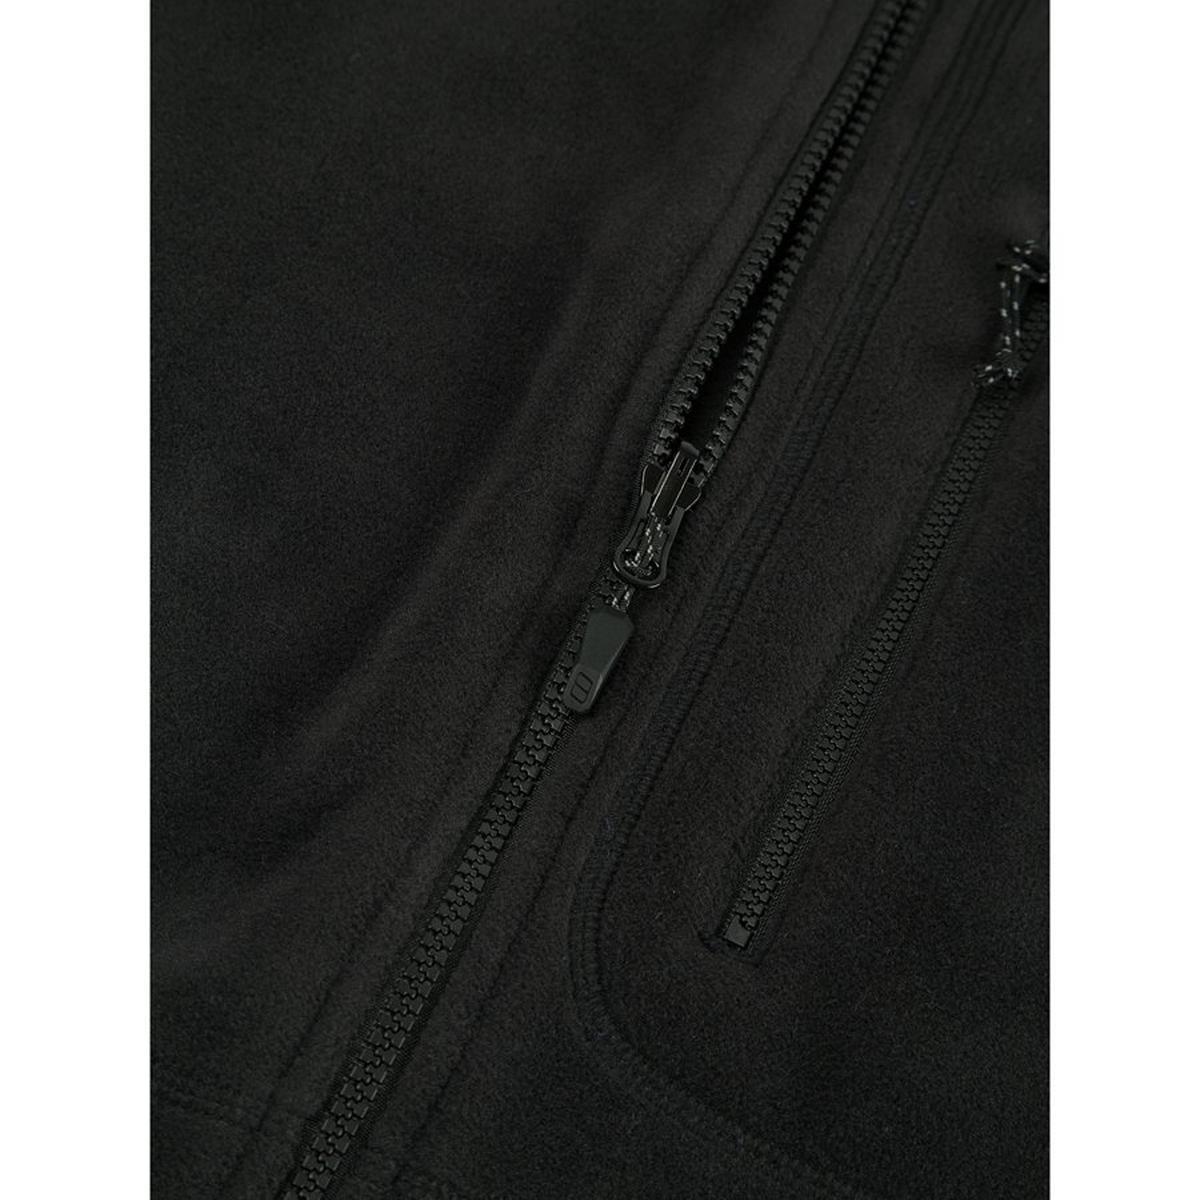 Berghaus Men's Activity Polartec Jacket IA - Black